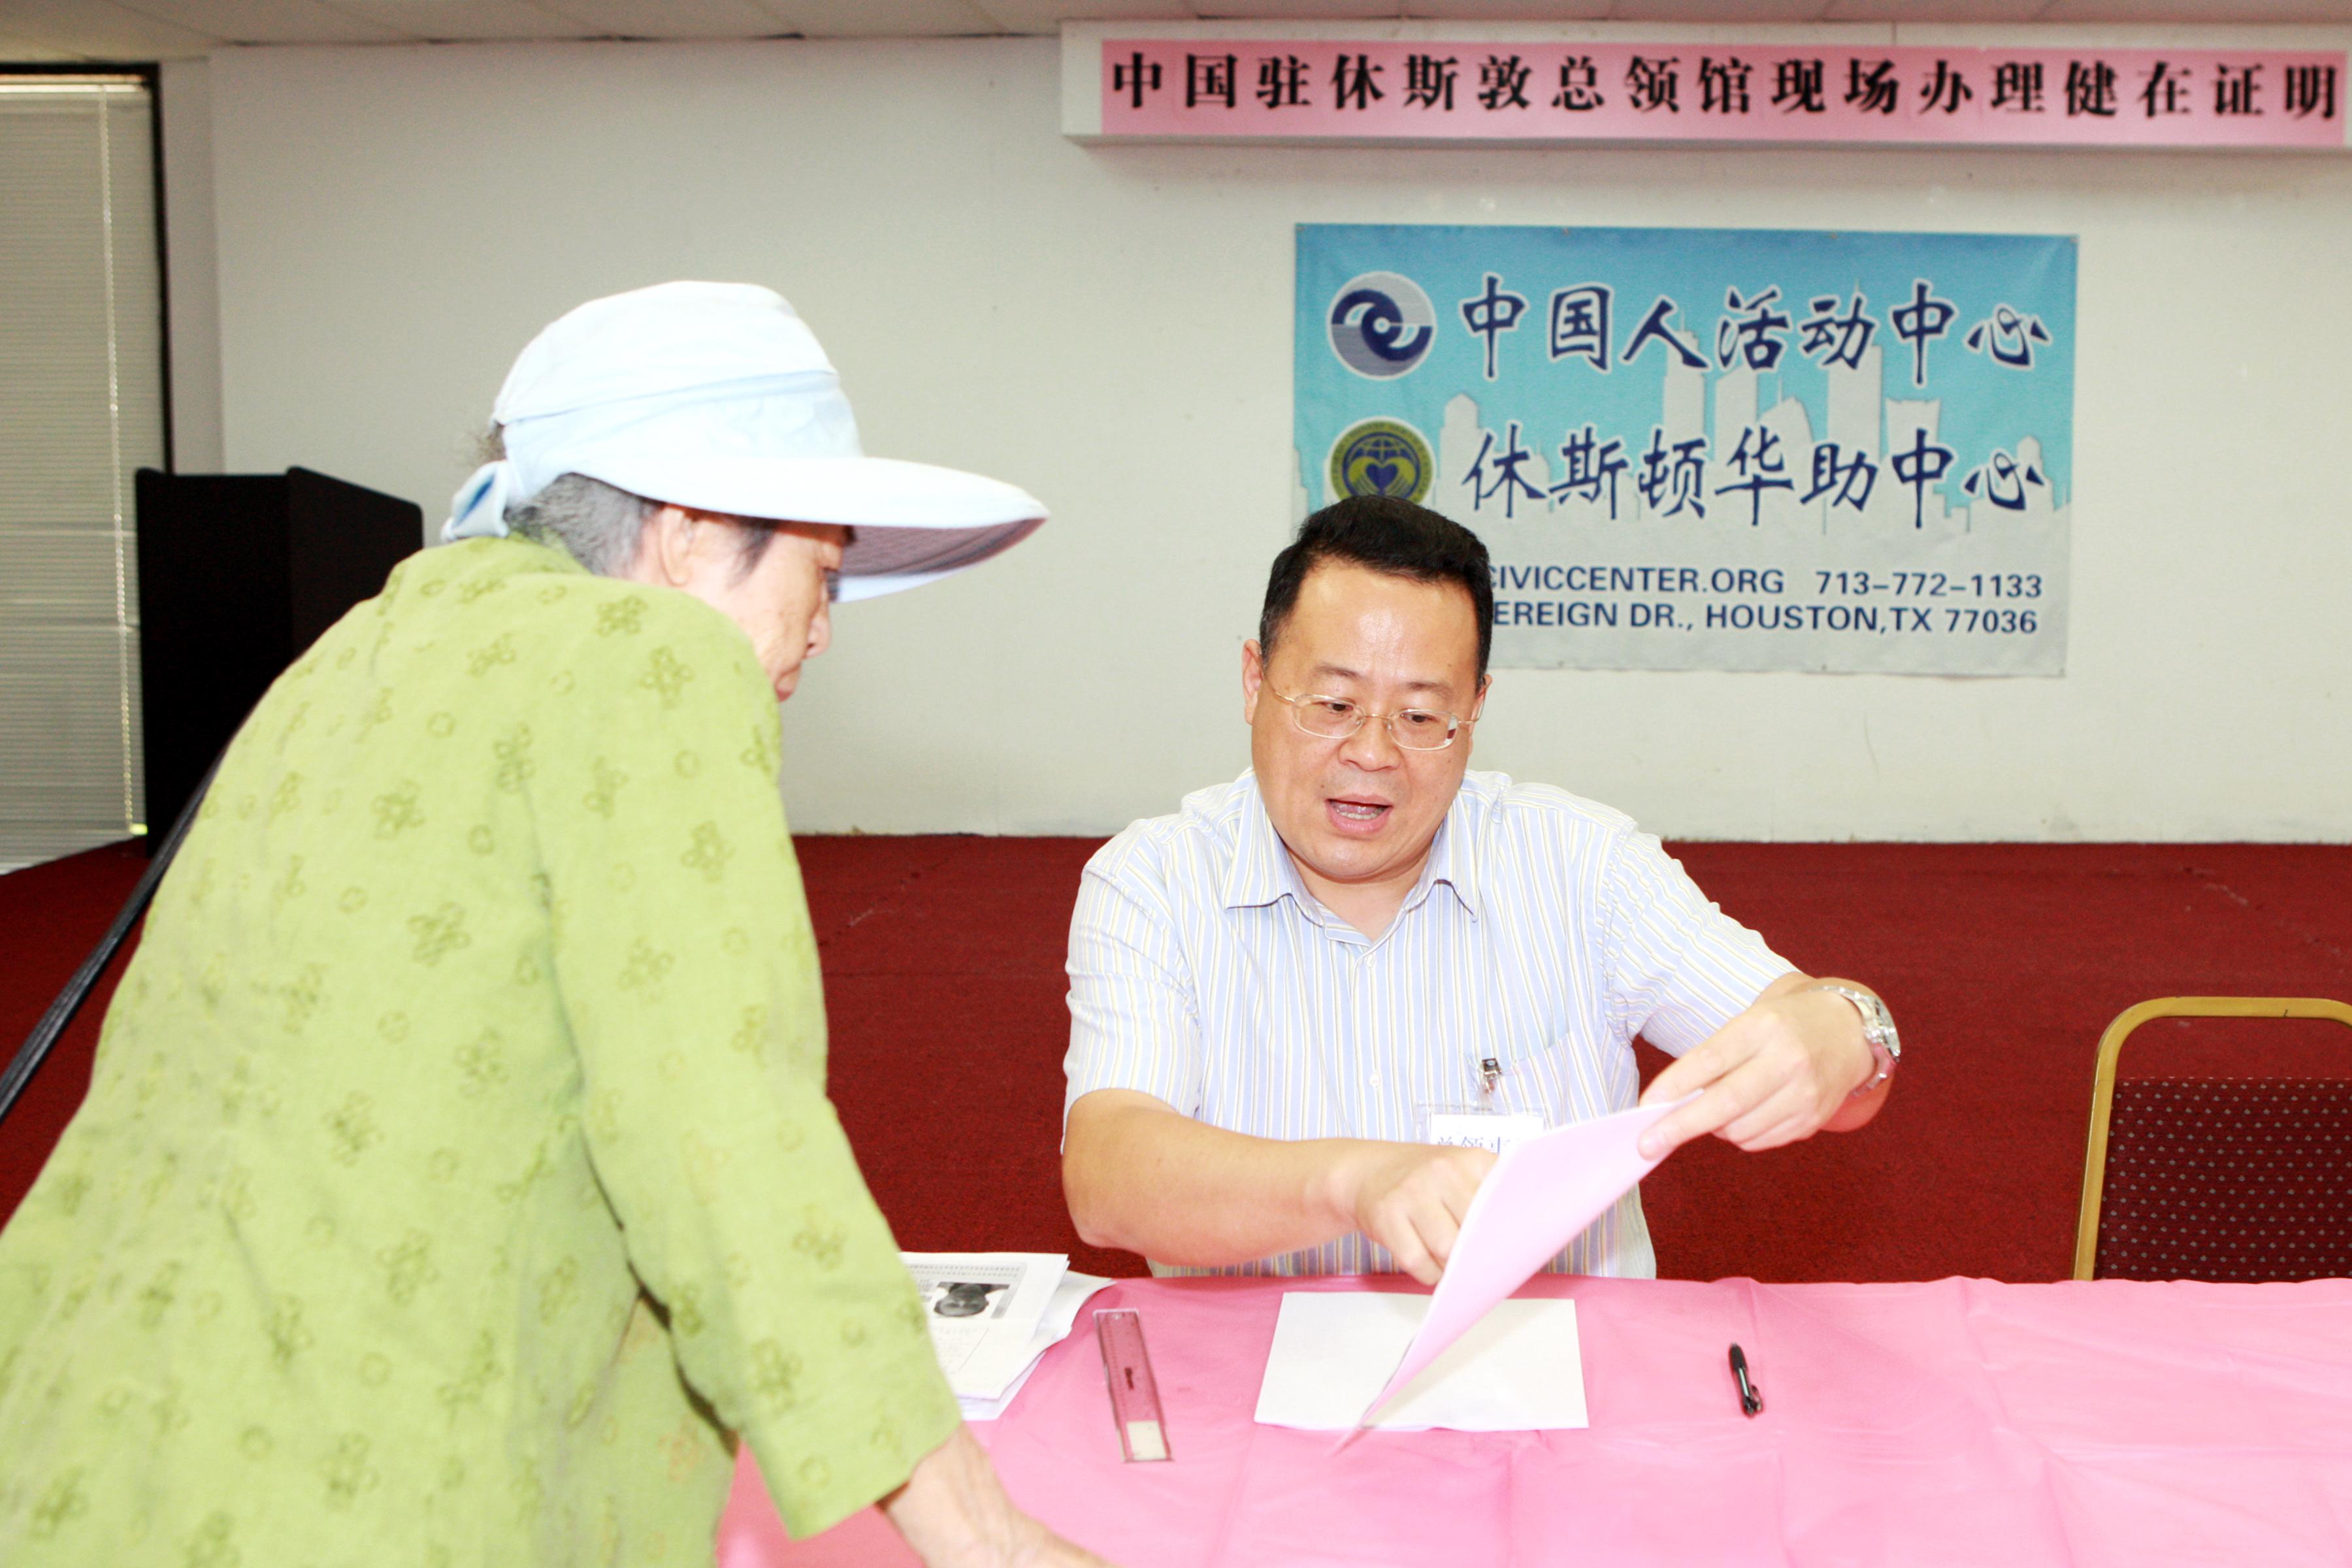 中領館證件處領事向辦證老人詳解相關辦證要求。(記者賈忠/攝影)